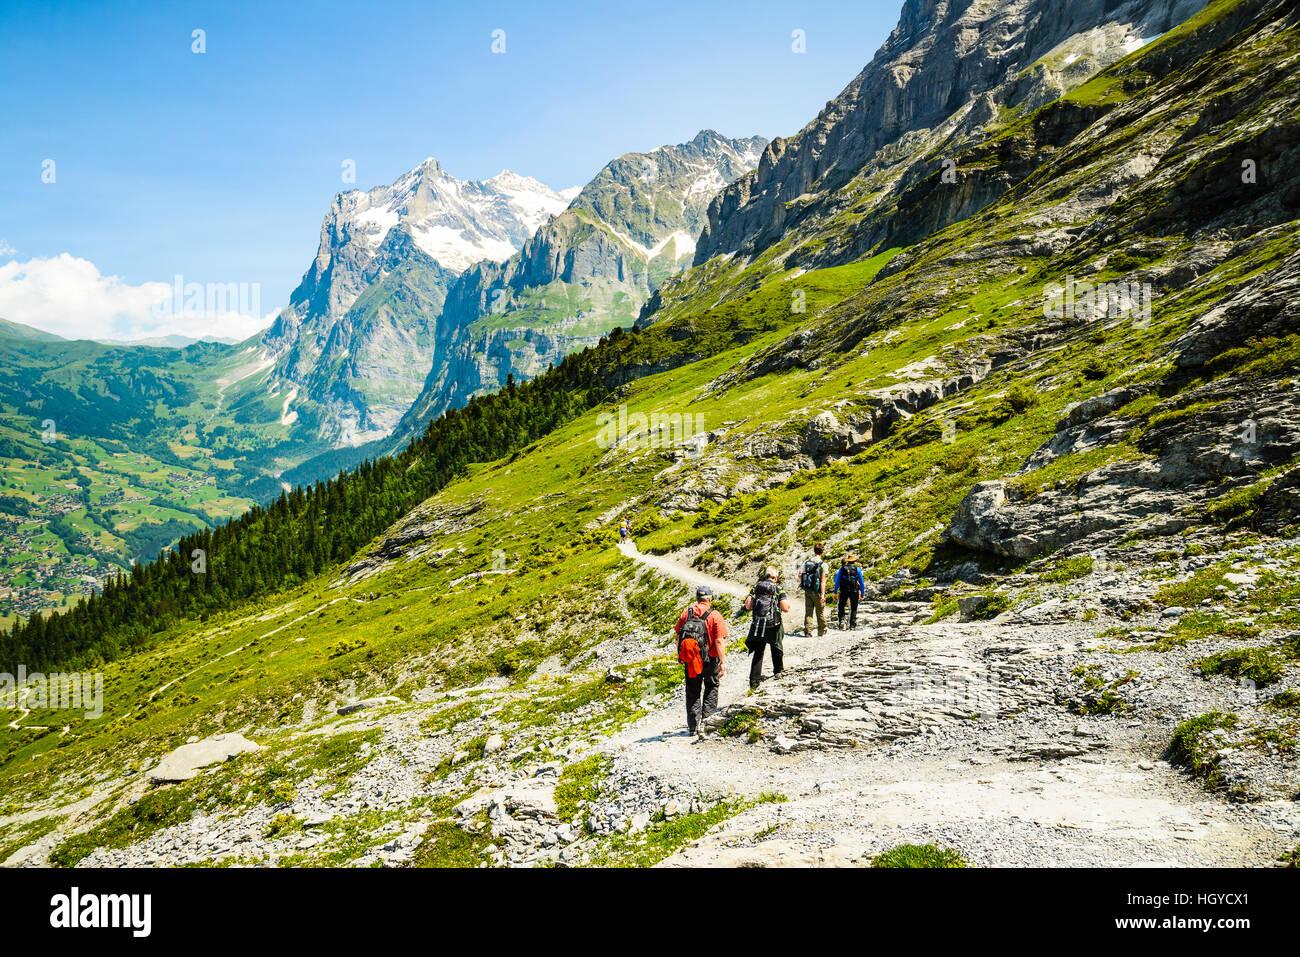 Los caminantes en el sendero del Eiger Grindelwald, Suiza con el valle y el pico Wetterhorn detrás Foto de stock